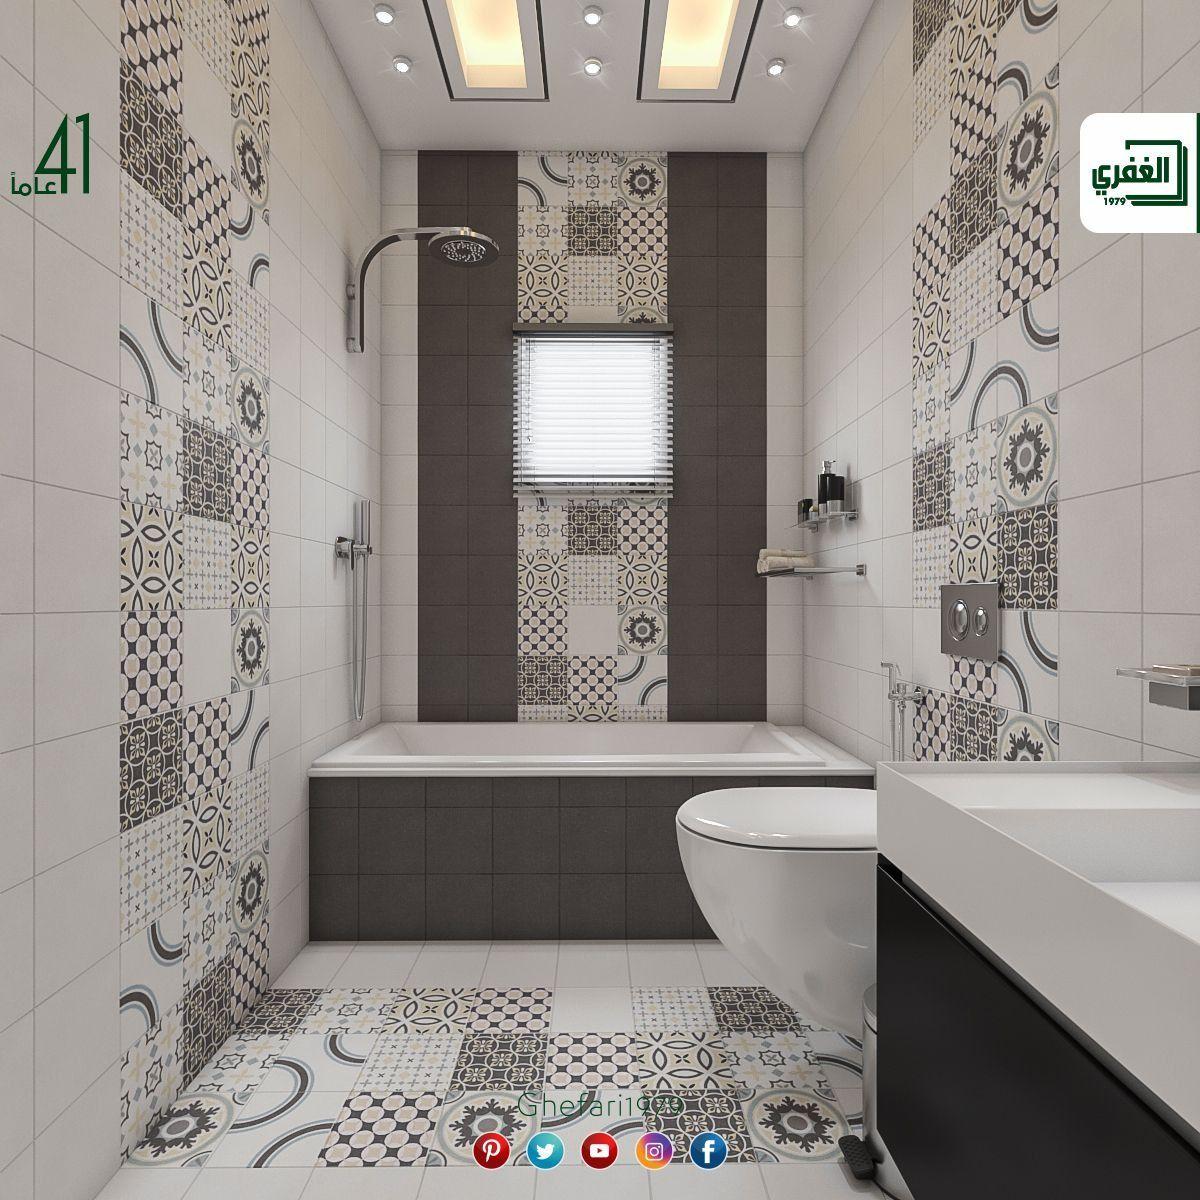 بورسلان أسباني ديكور اندلسي للاستخدام داخل الحمامات المطابخ اماكن اخرى للمزيد زورونا على موقع الشركة Https Www Ghefari Co Toilet Bathroom Instagram Posts